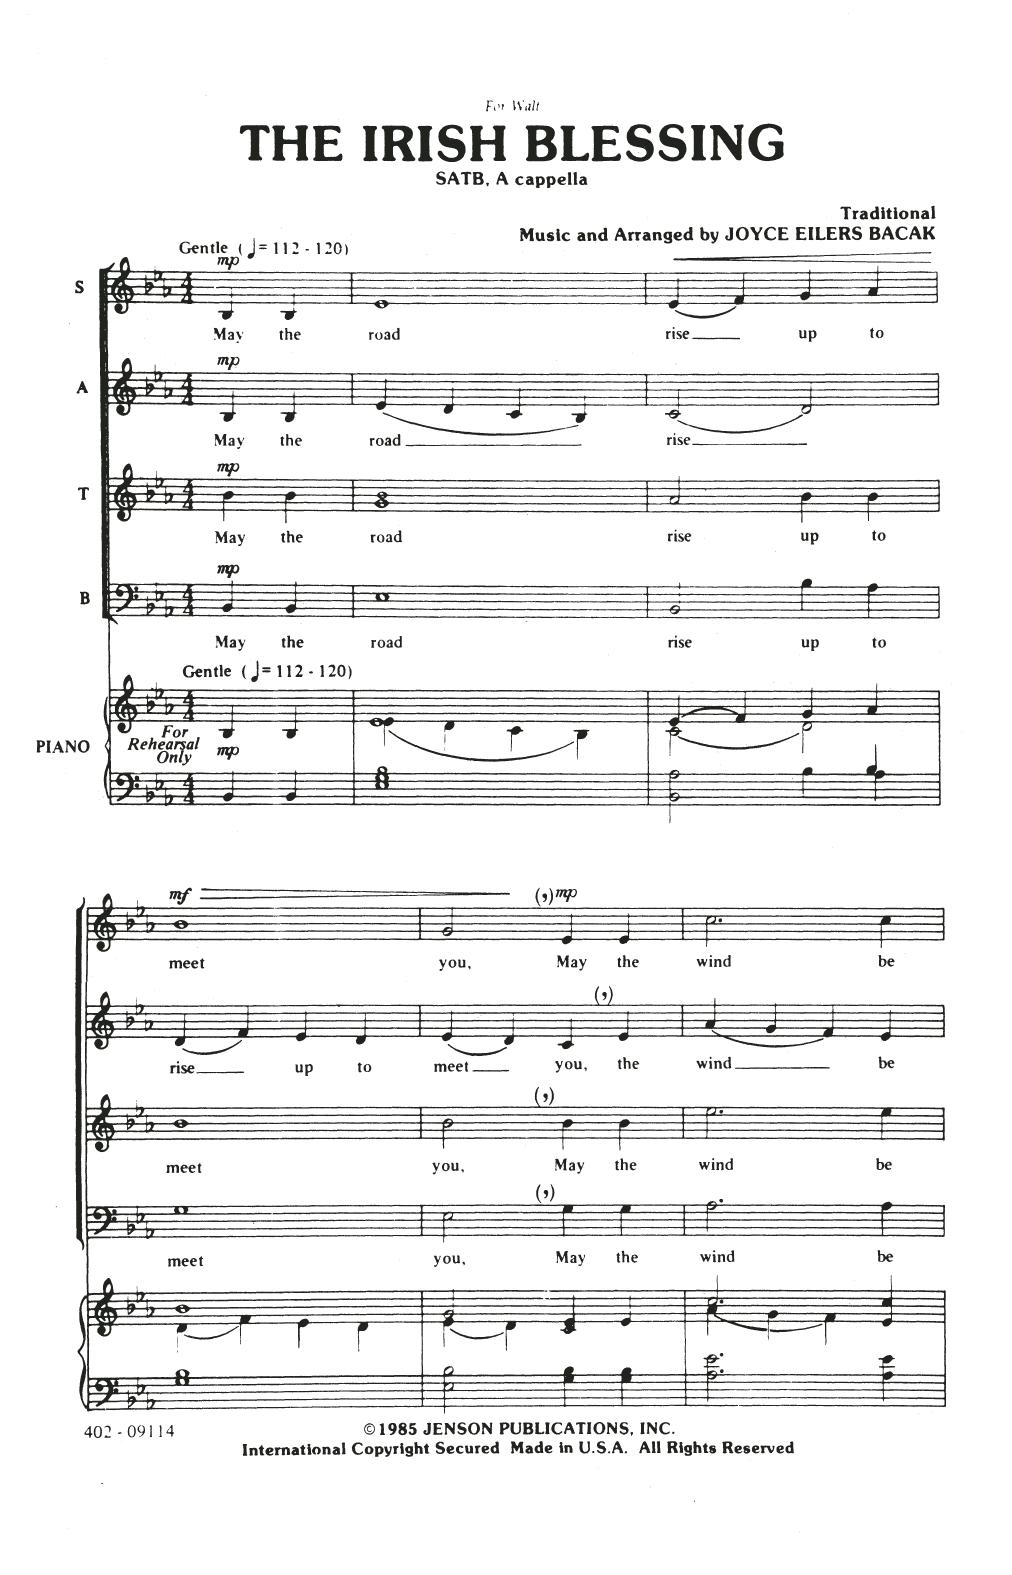 The Irish Blessing (SATB Choir)